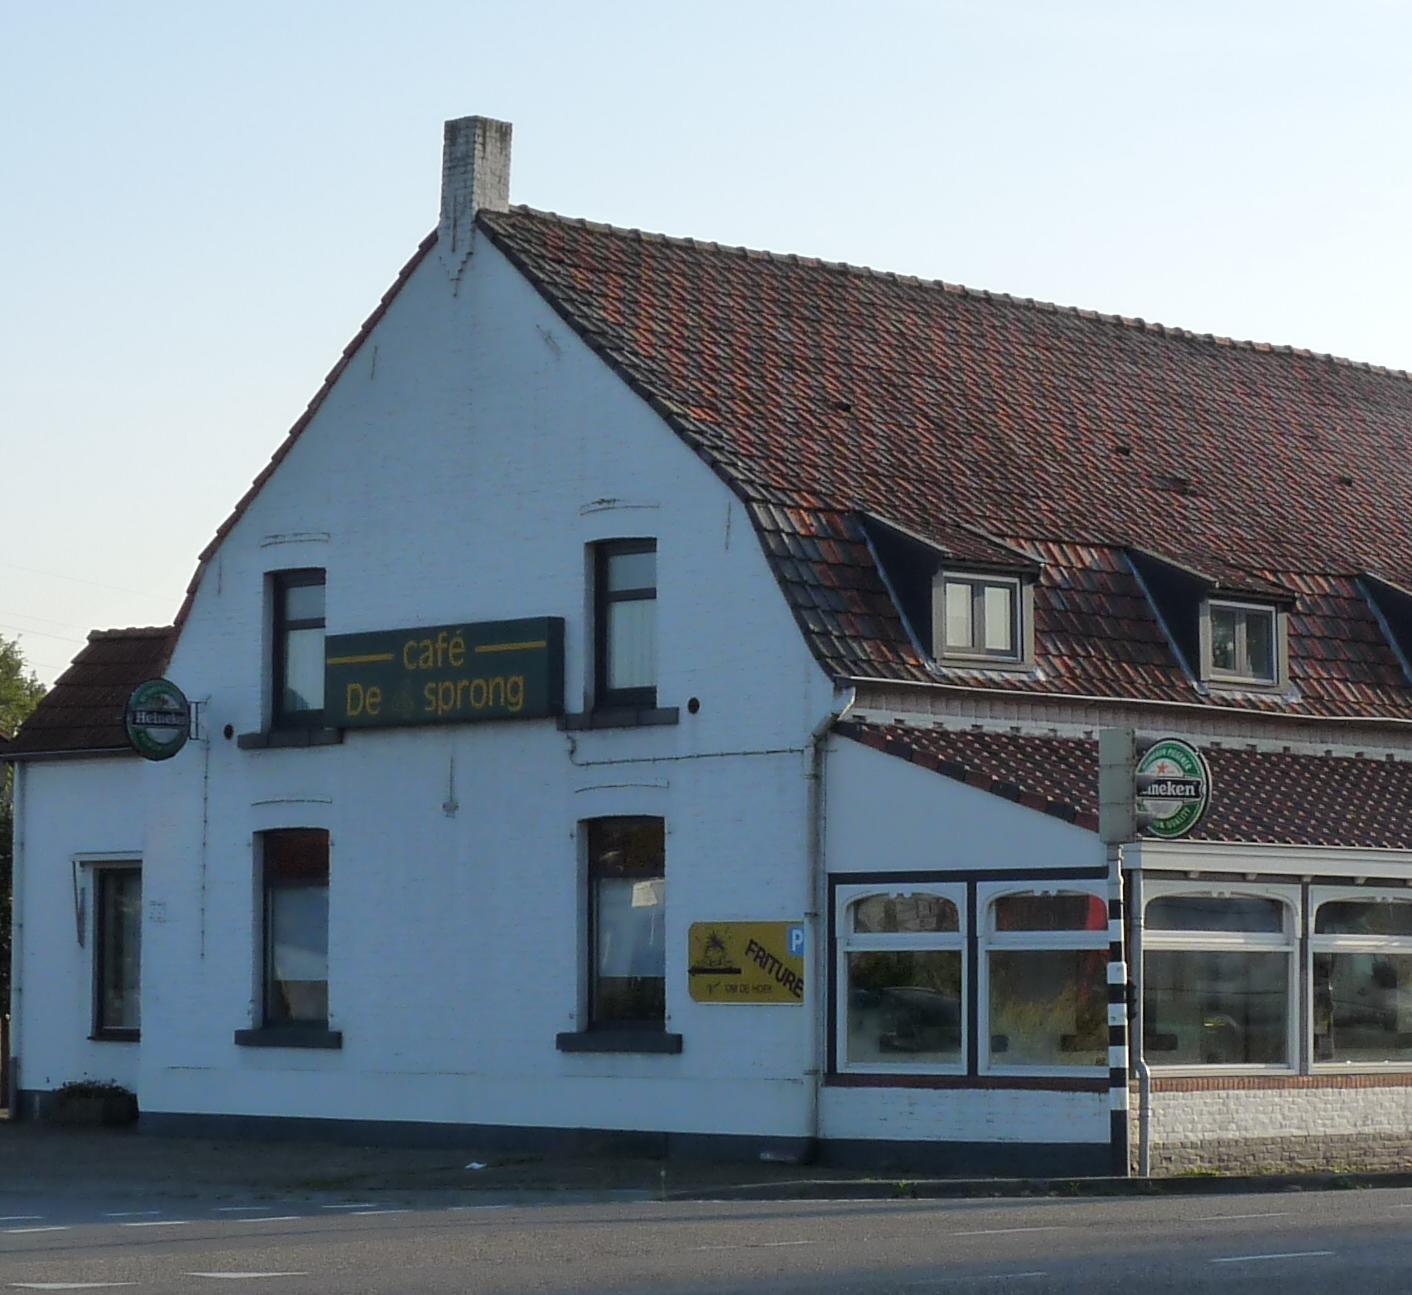 Café de Viersprong